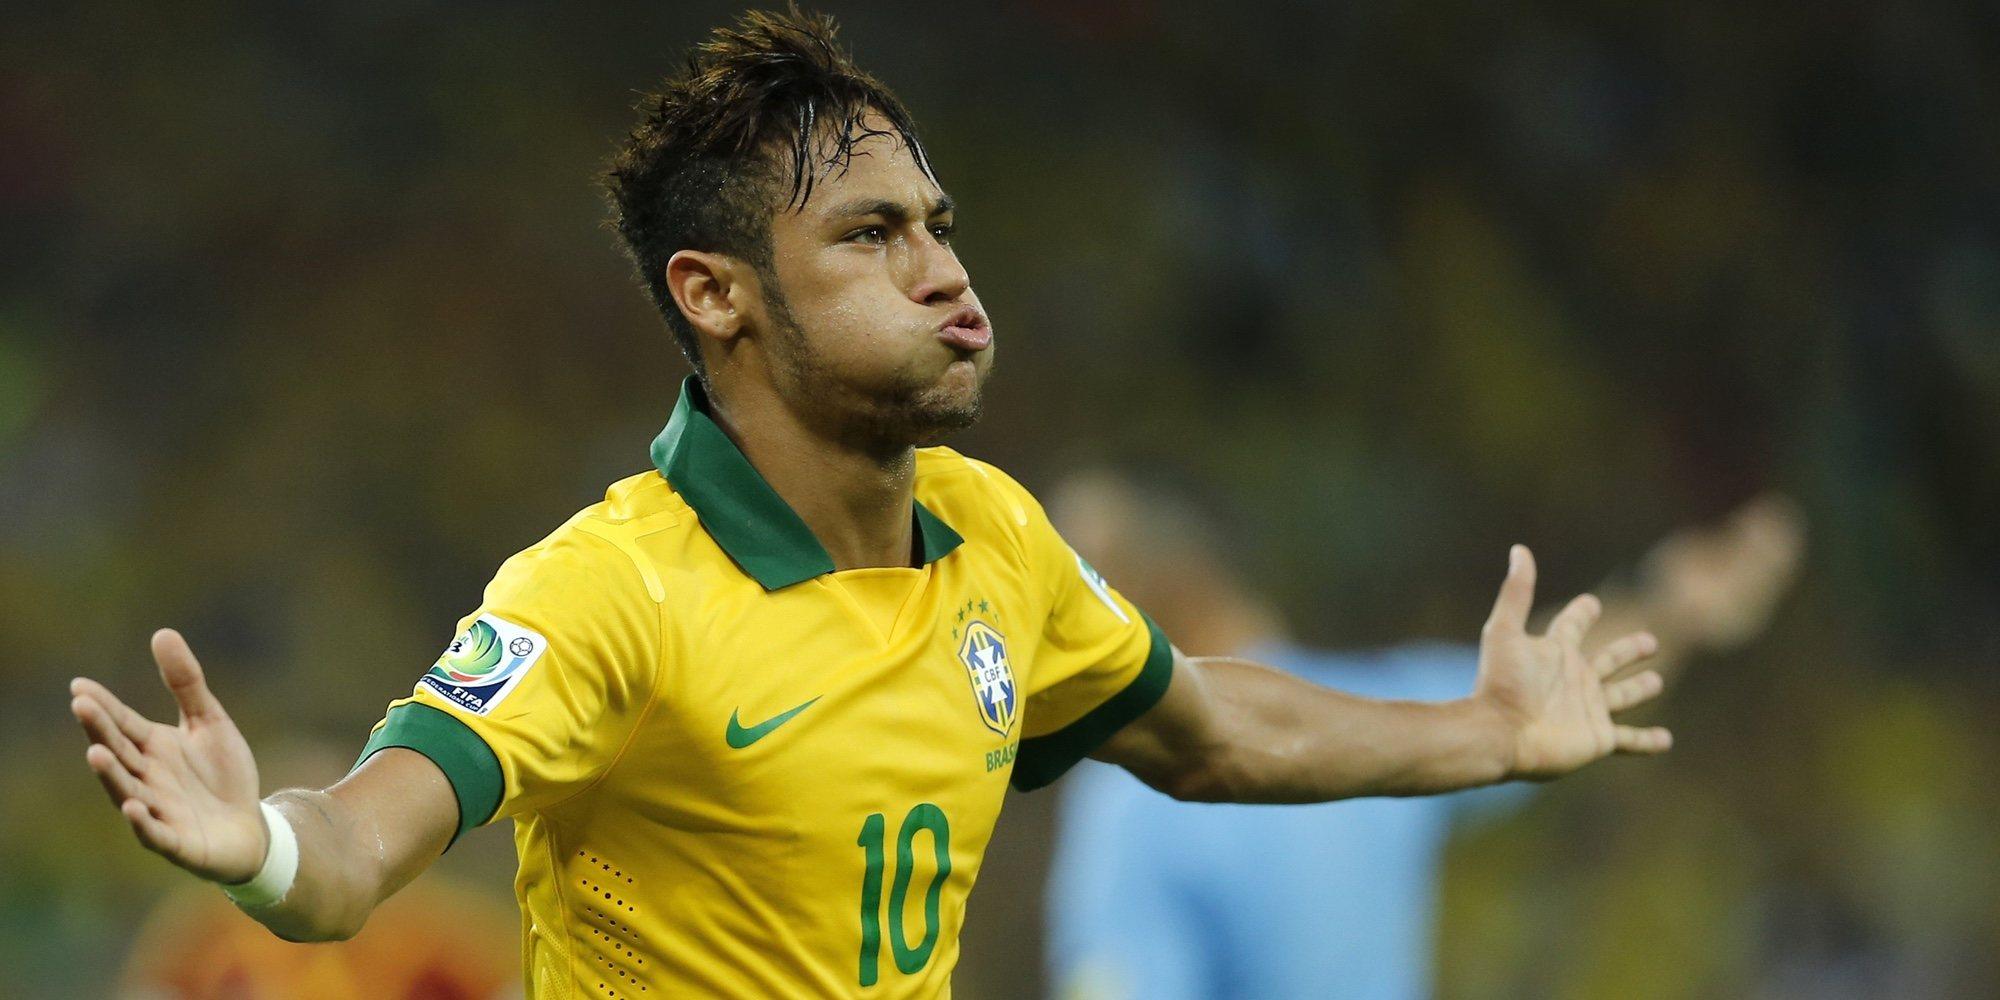 Neymar acude a la Policía y agradece el apoyo tras la acusación de violación de Najila Trindade